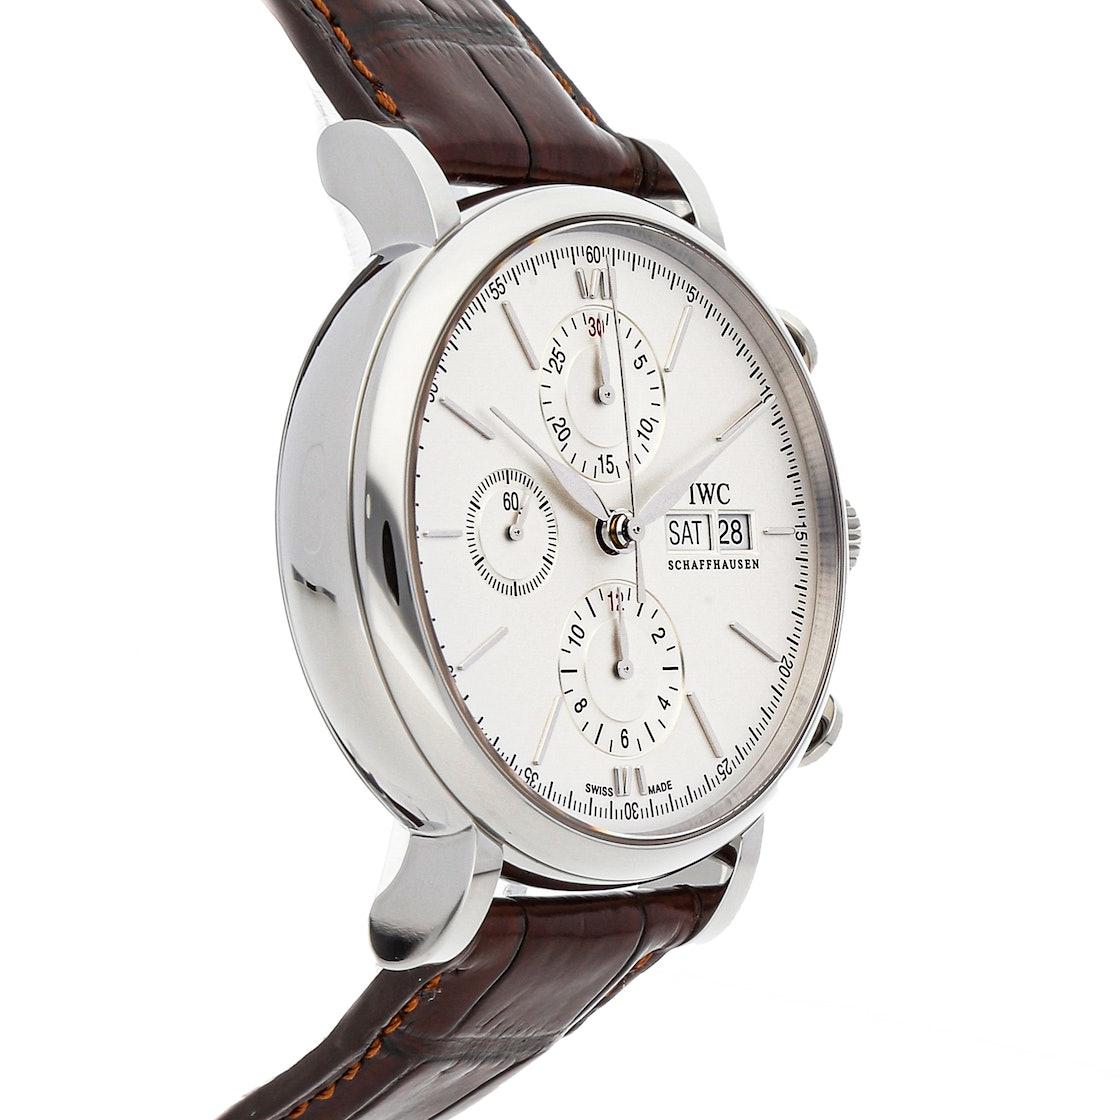 IWC Portofino Chronograph IW3910-27